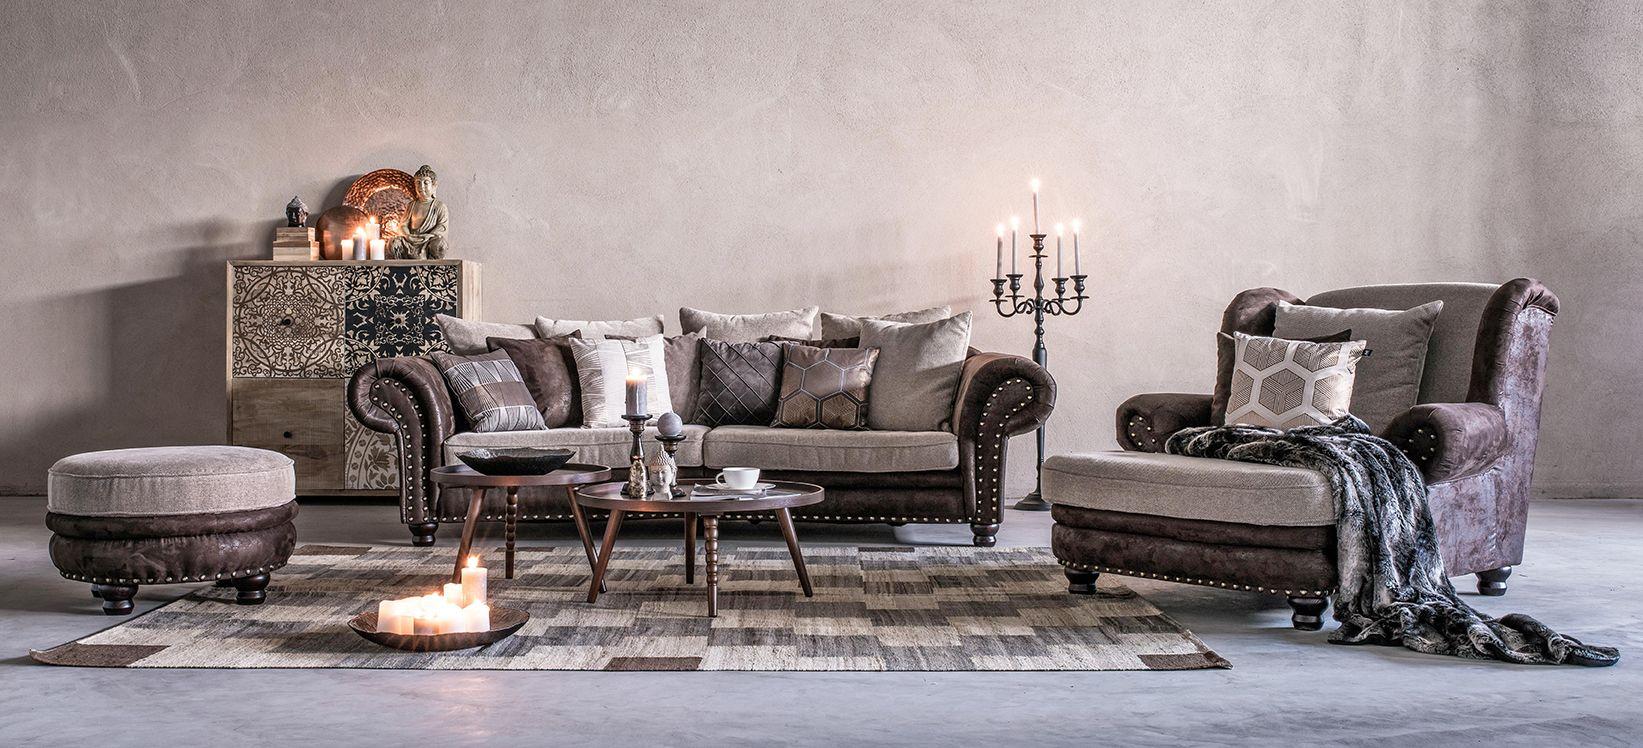 Wohnzimmer Mit Couch Garnitur Und Fernsehsessel Mit Landhaus Charme Wohnzimmer Couch Wohnzimmer Ideen